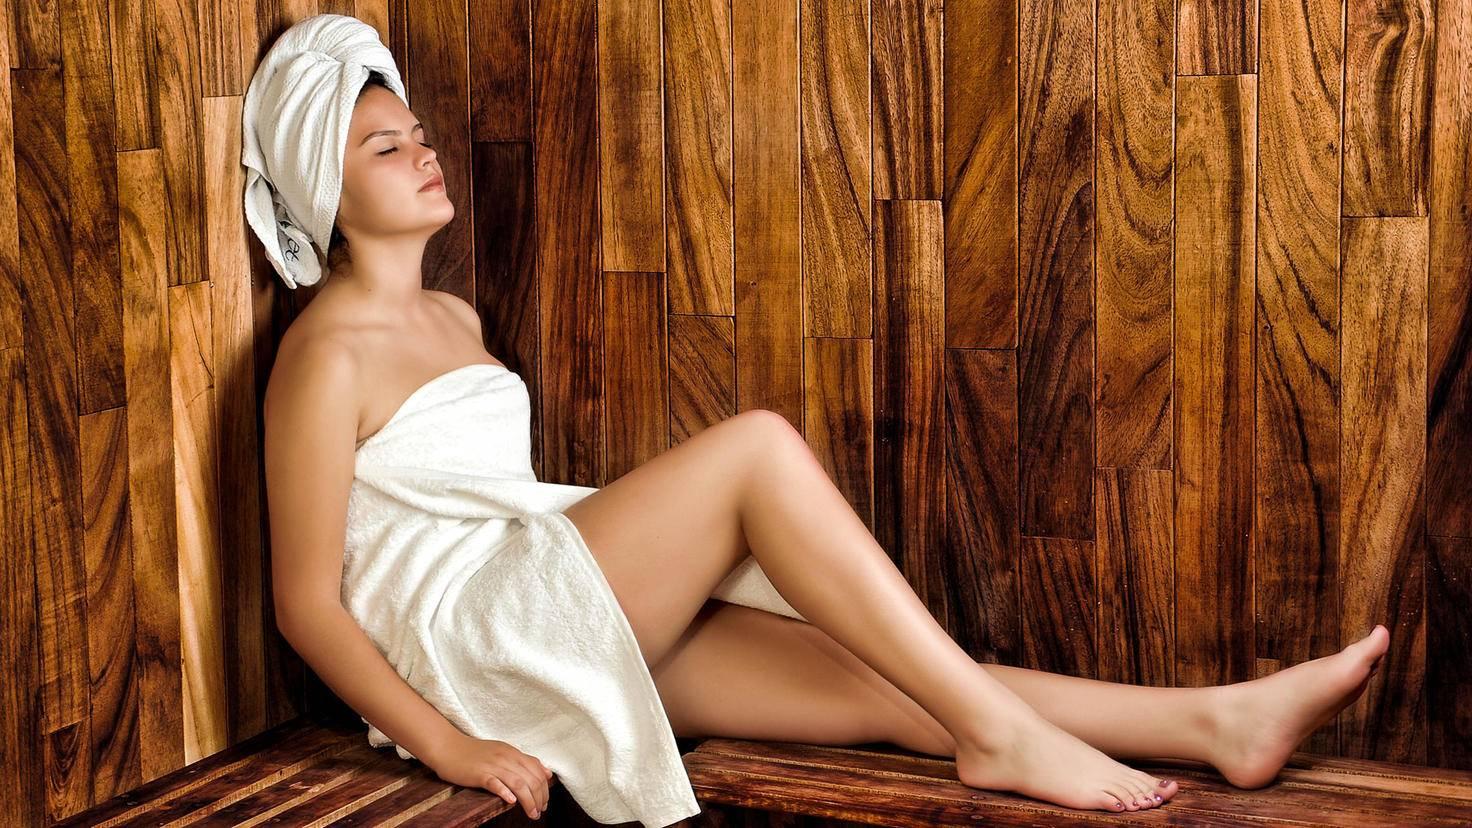 Bei Muskelkater kann ein Besuch in der Sauna hilfreich sein.